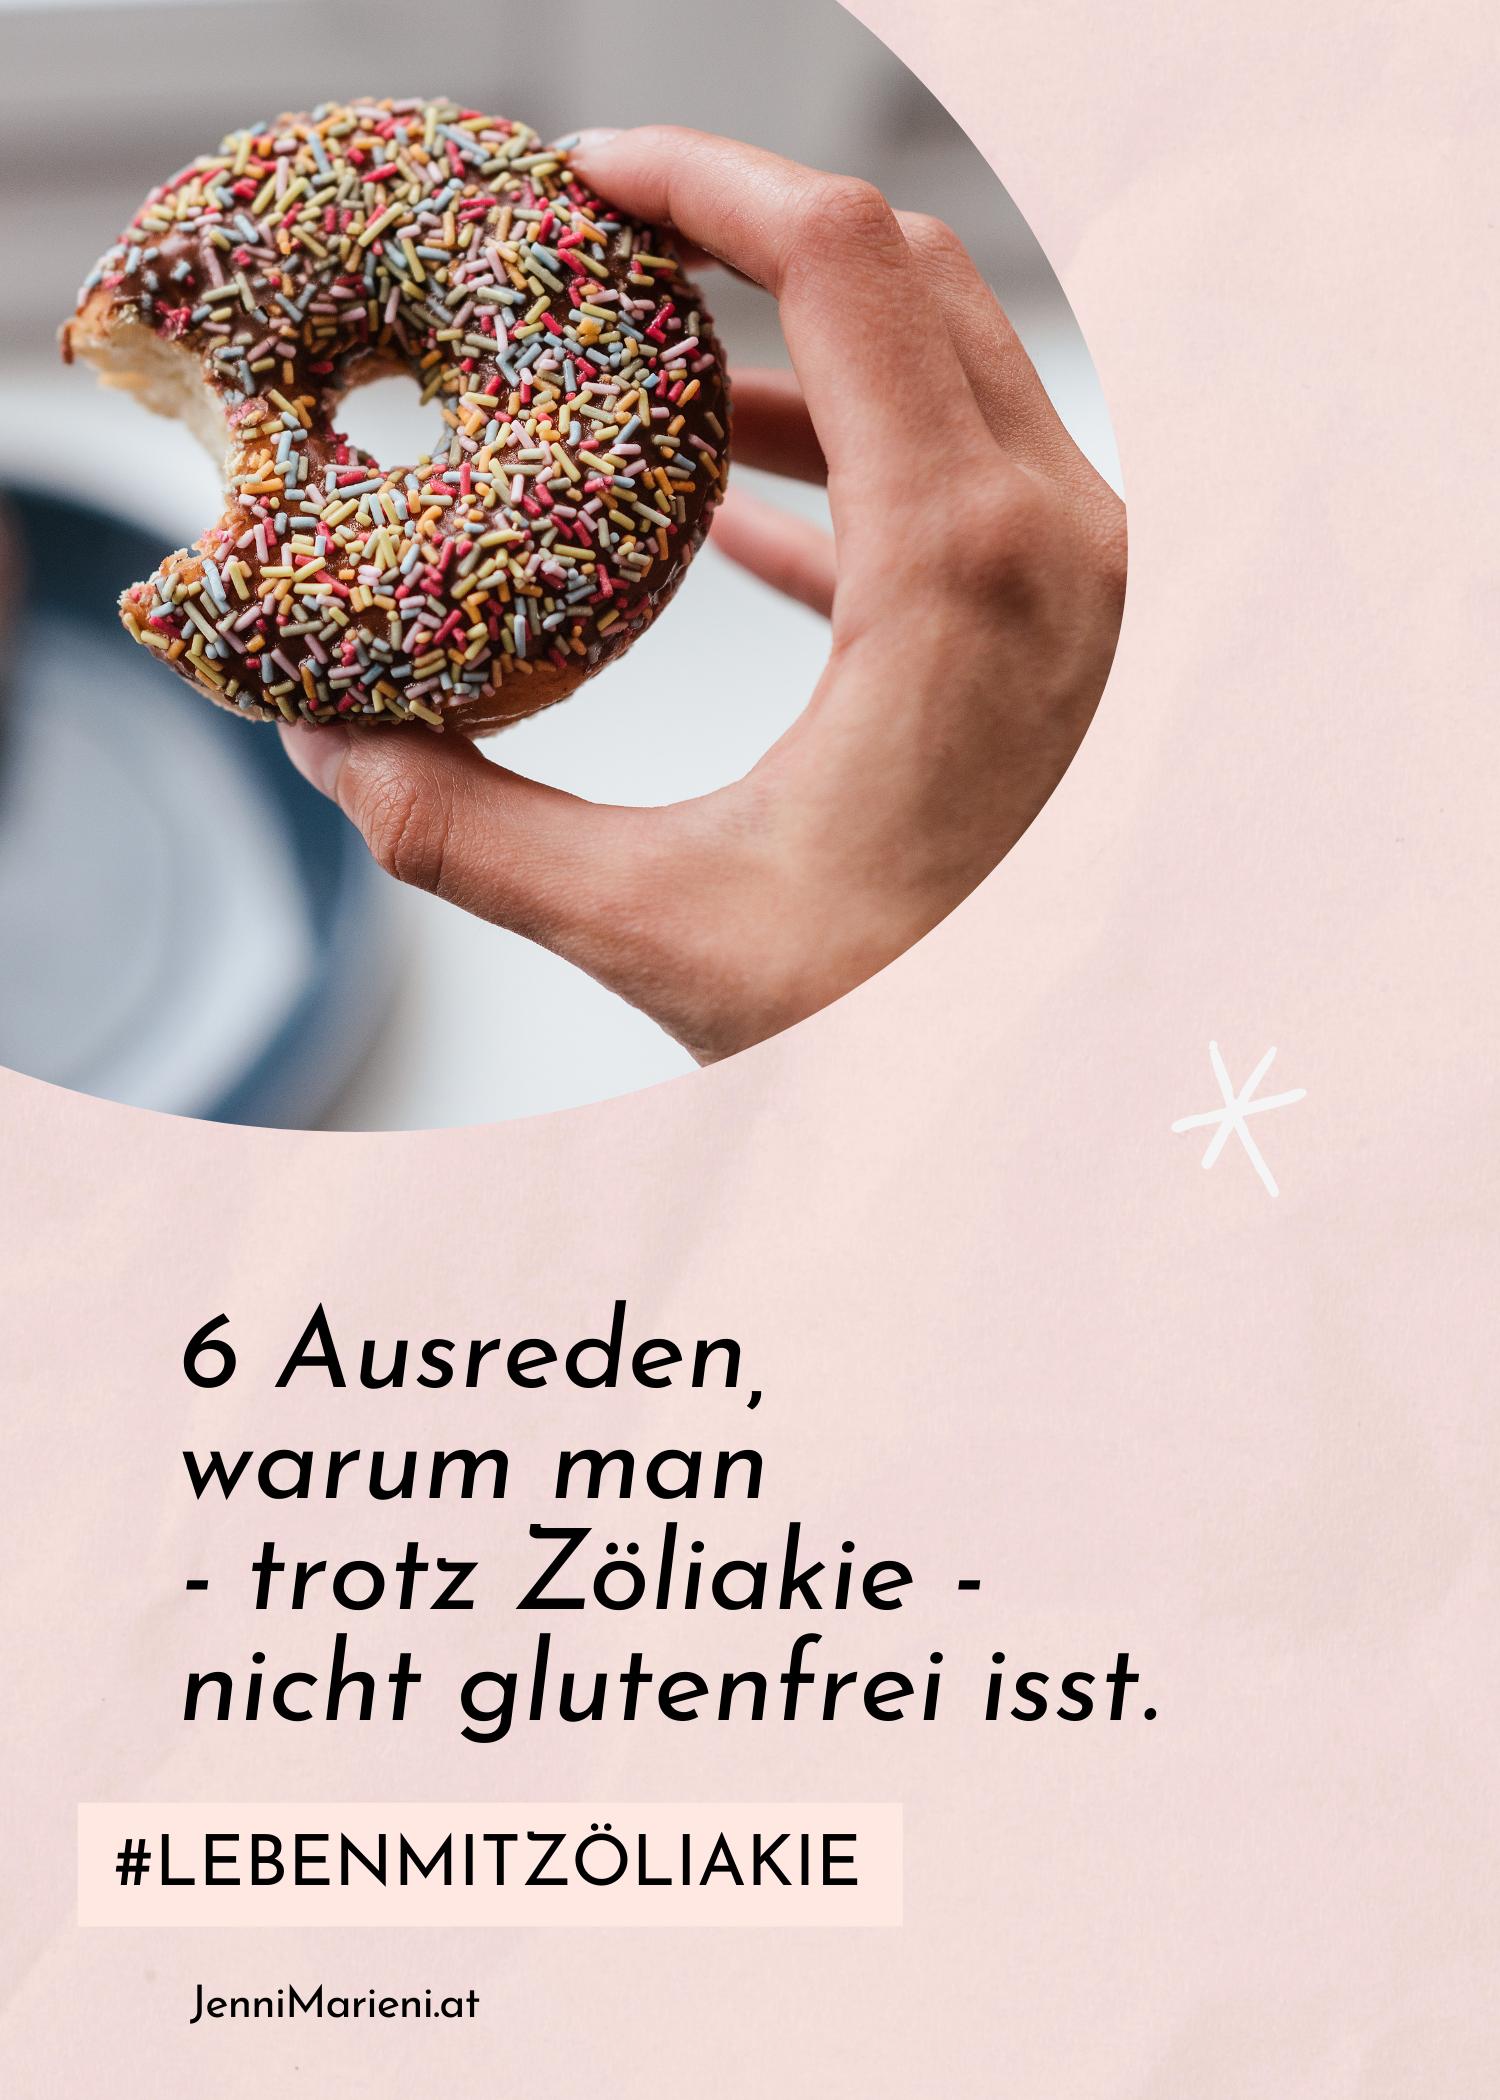 6 Ausreden, warum man – trotz Zöliakie – nicht glutenfrei isst und warum man sich damit nur selbst belügt und schadet.